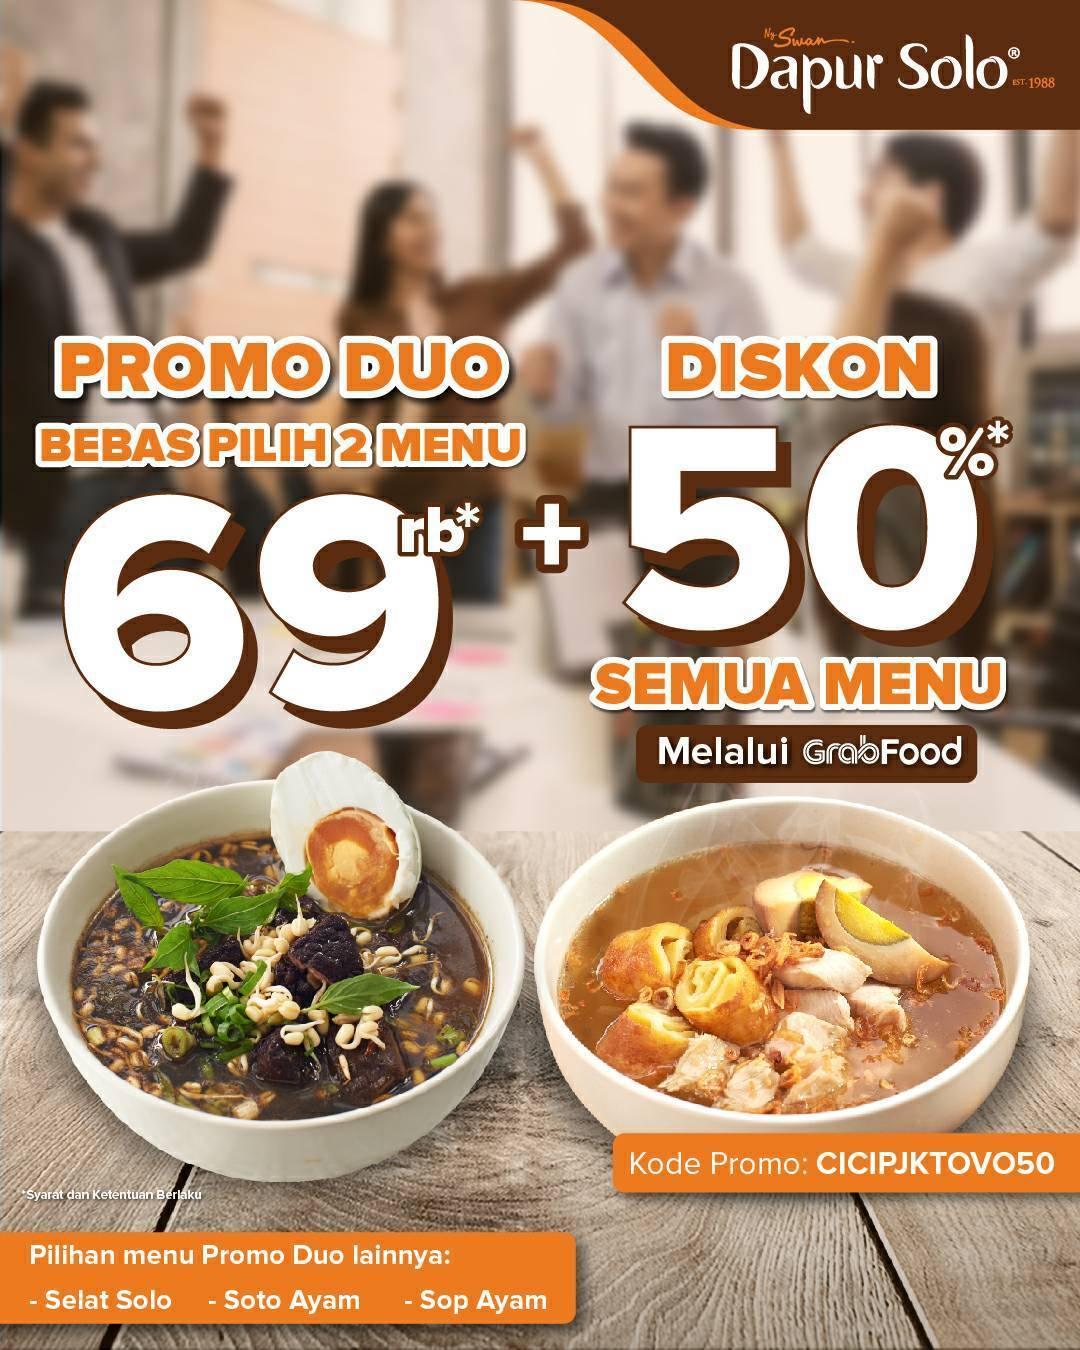 Diskon Dapur Solo Promo Dua + Diskon 50% Dengan GrabFood